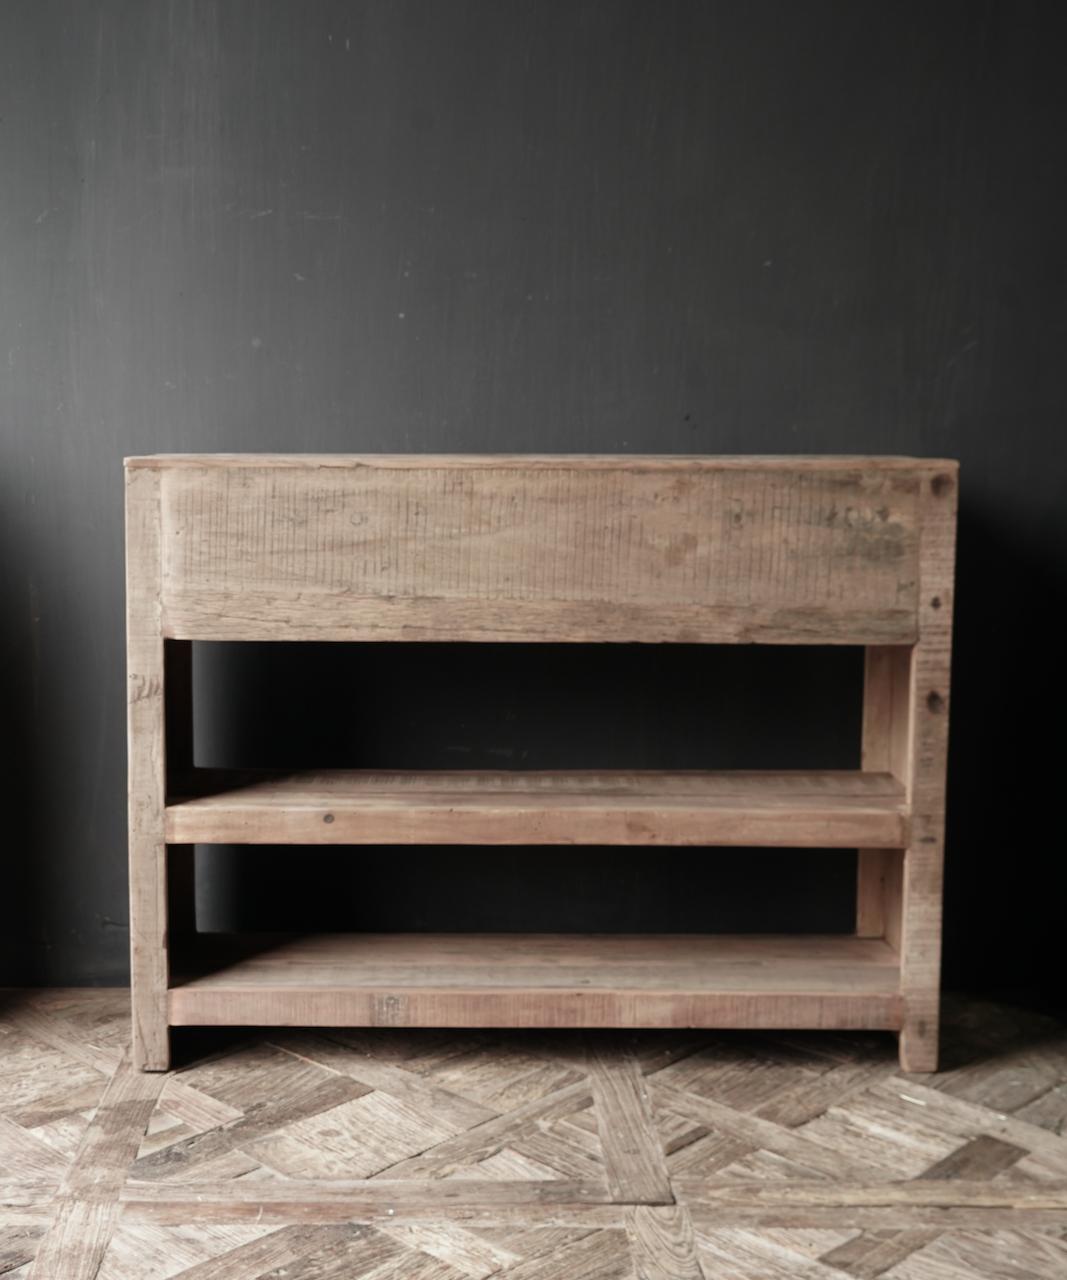 Robuster alter alter Holzwandtisch / Beistelltisch mit Schubladen-3